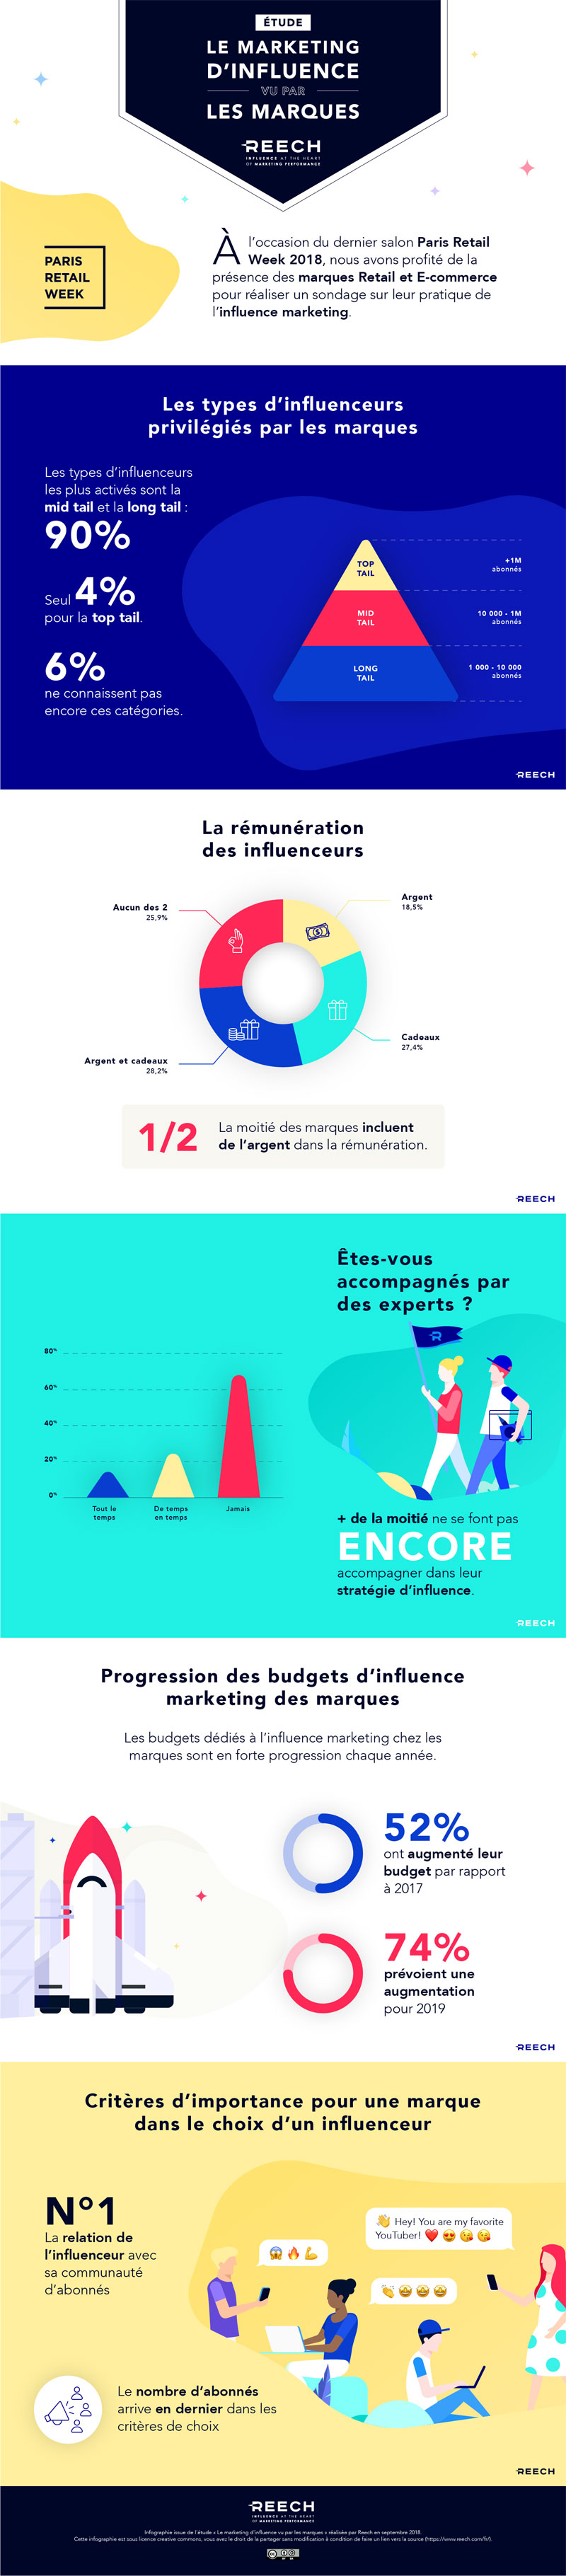 reech infographic